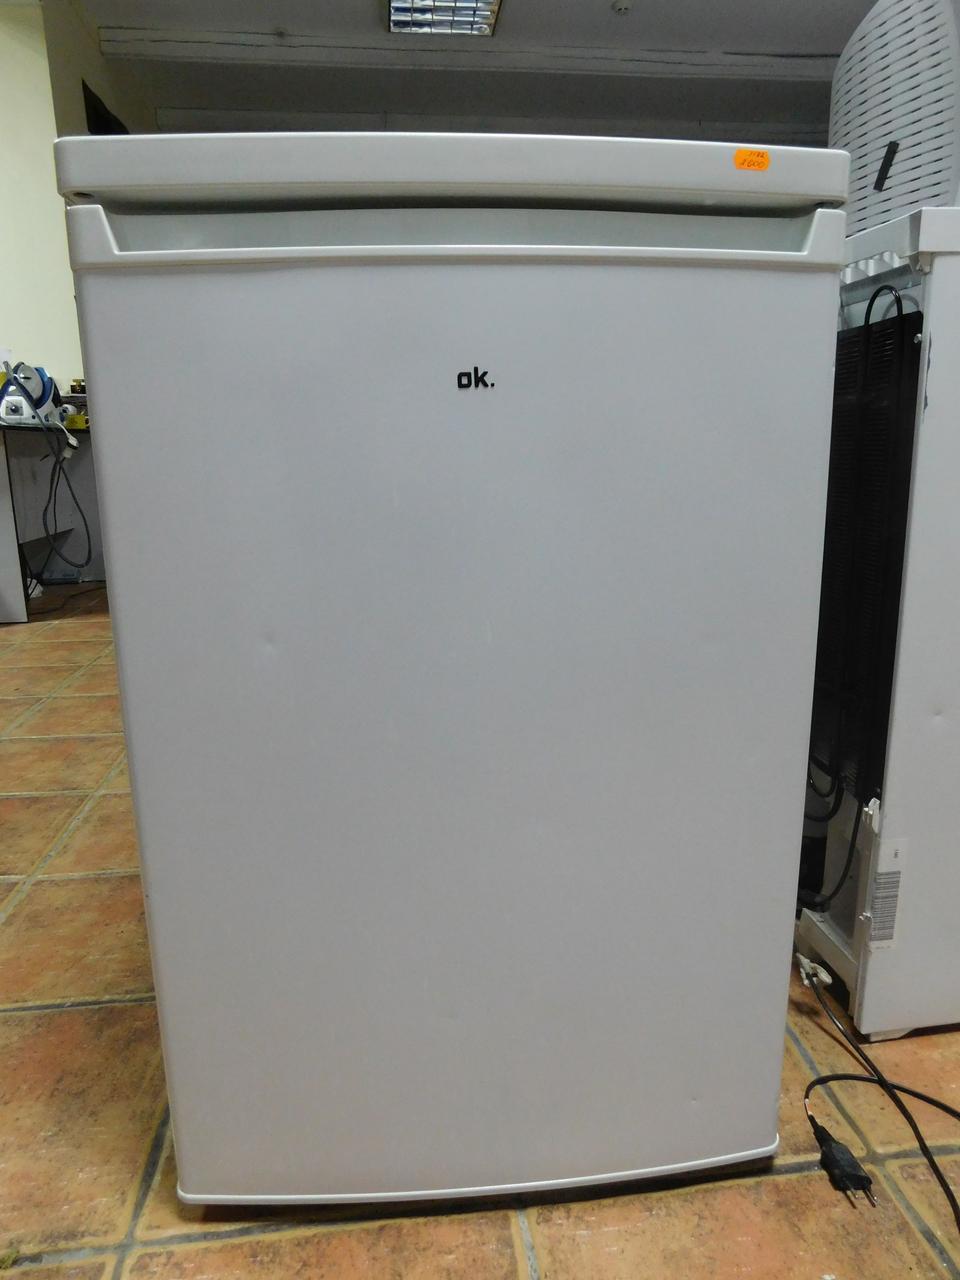 Холодильник однокамерний OK б\в з гарантією, Німеччина